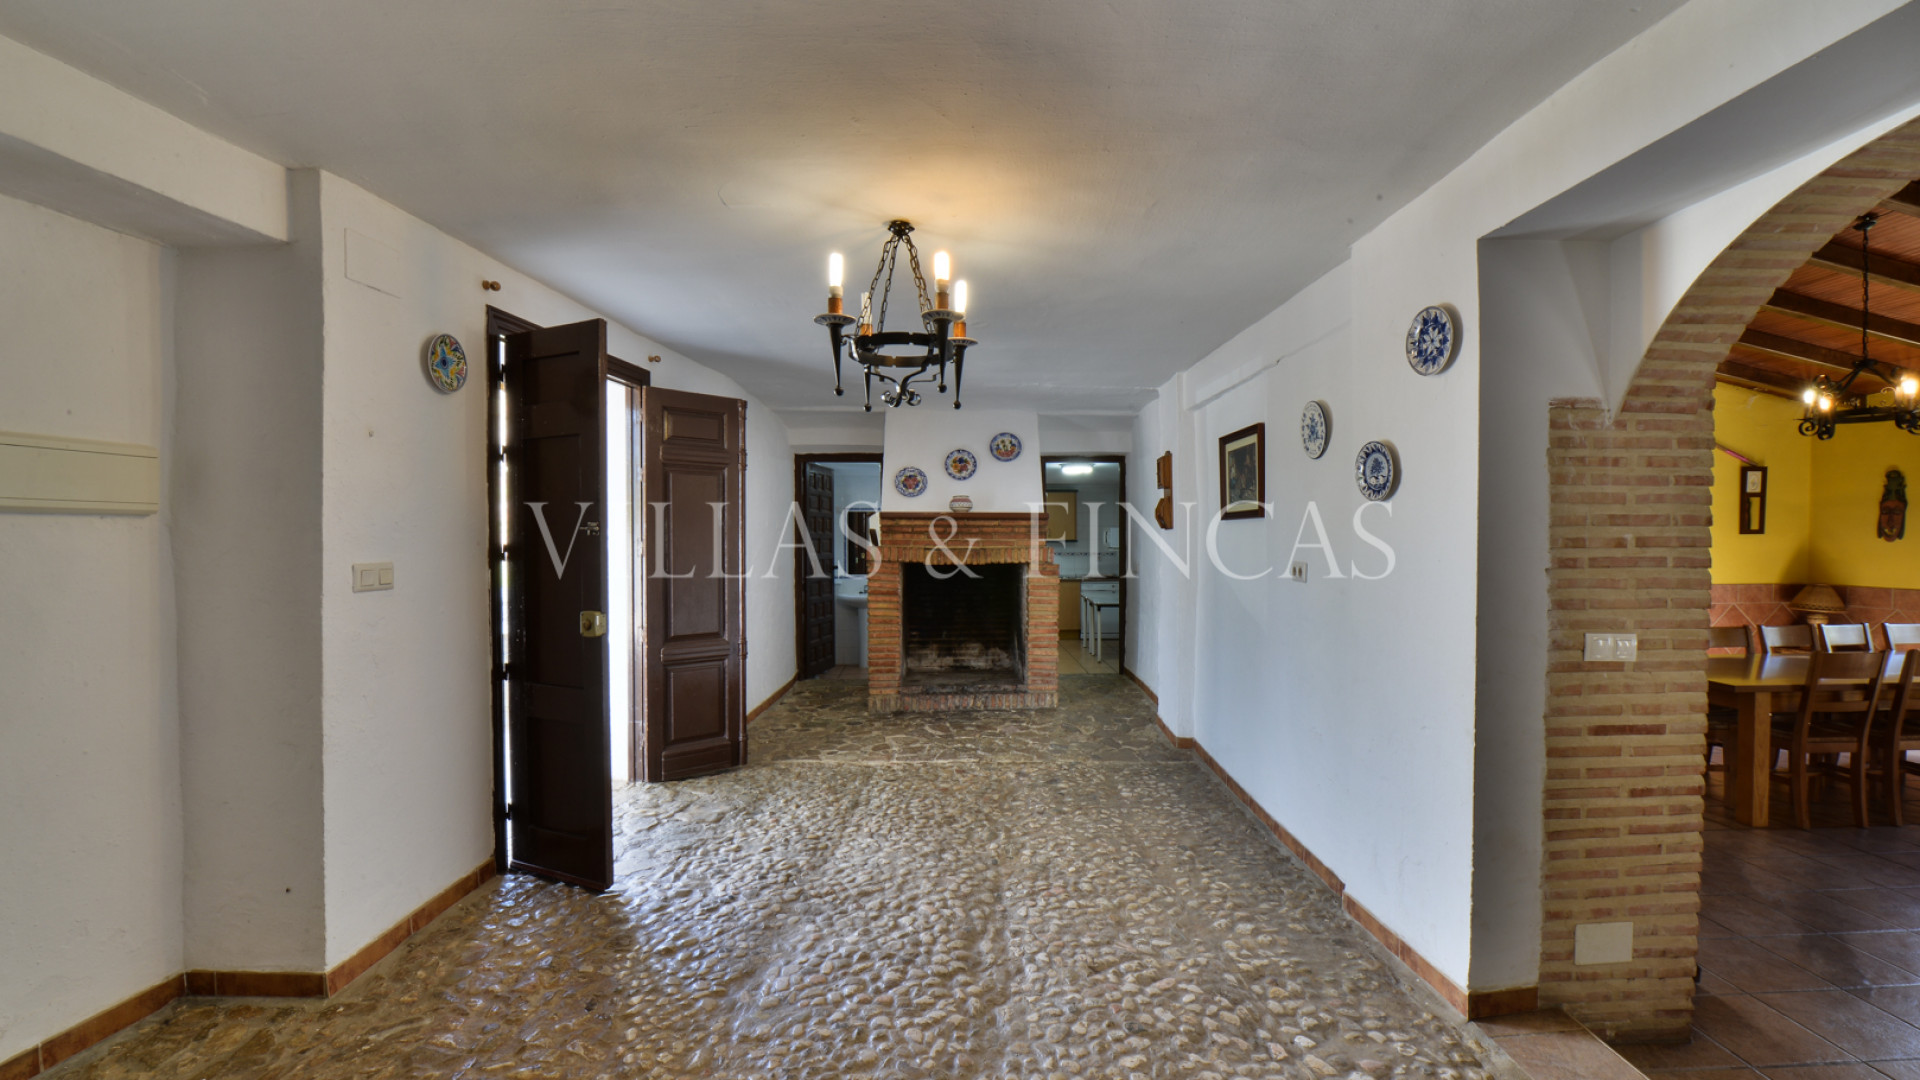 Cortijo till salu i Antequera